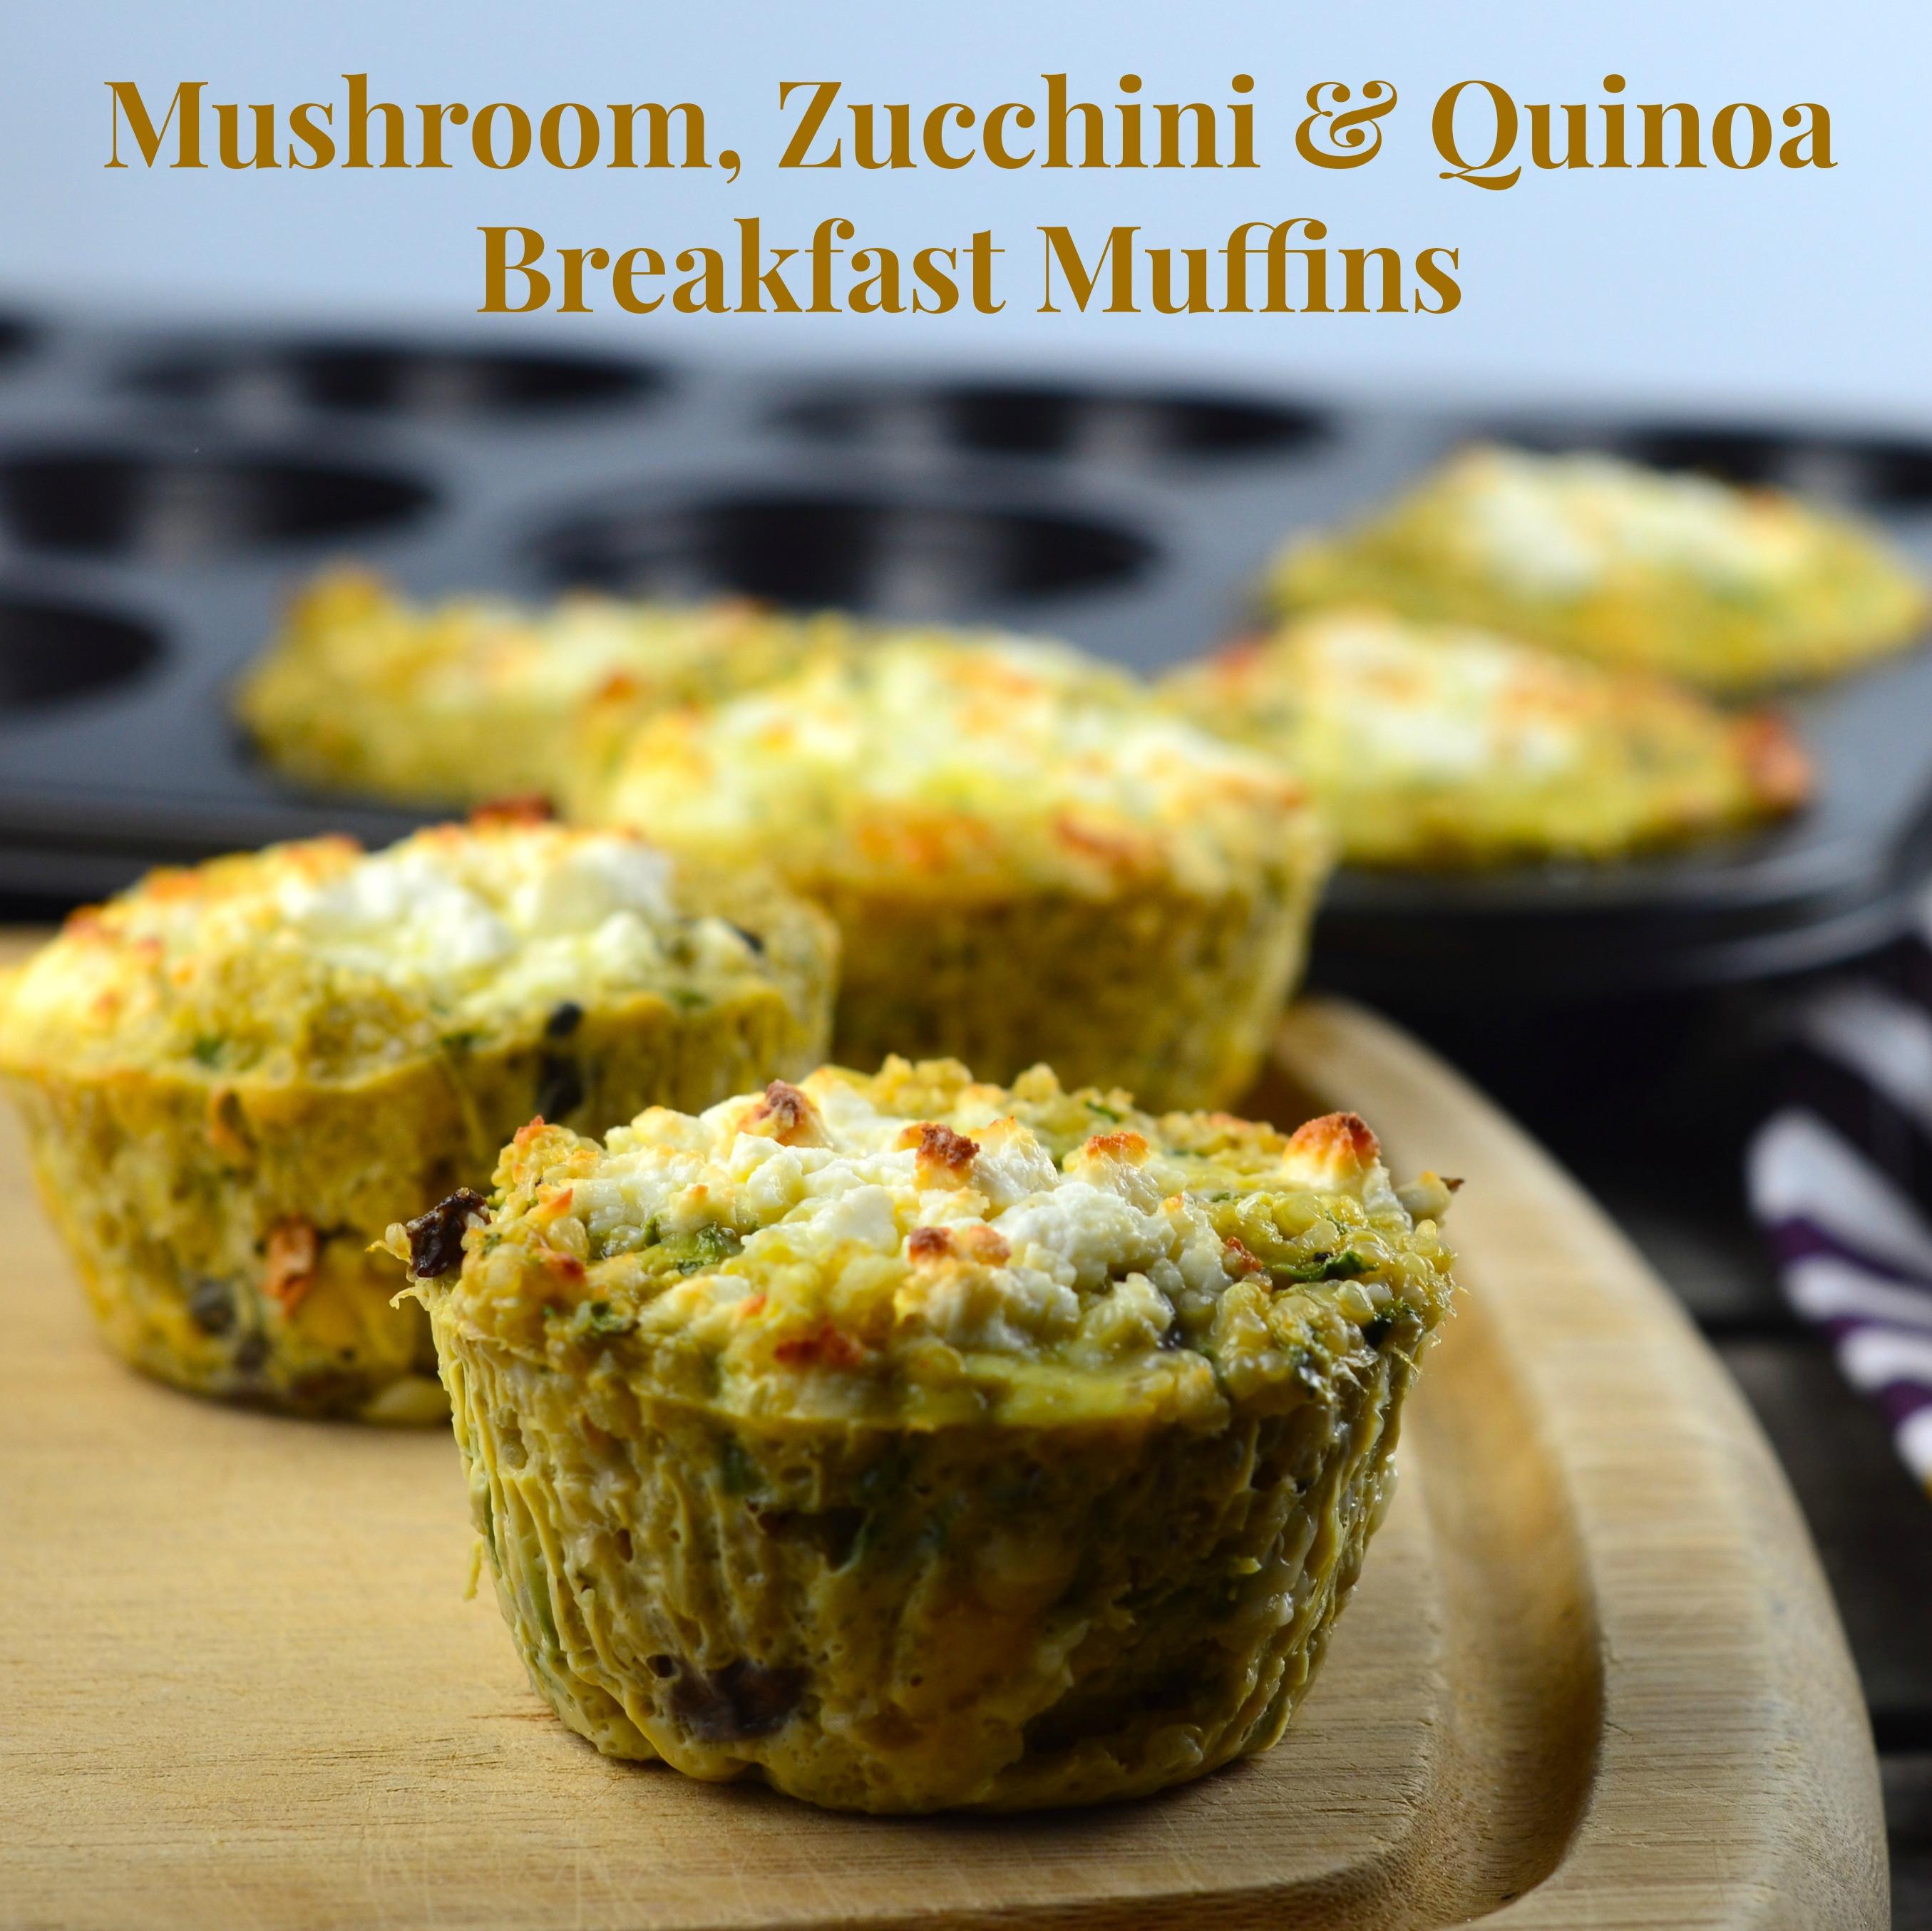 Passover Breakfast Recipes  Passover Recipes Mushroom Zucchini & Quinoa Breakfast